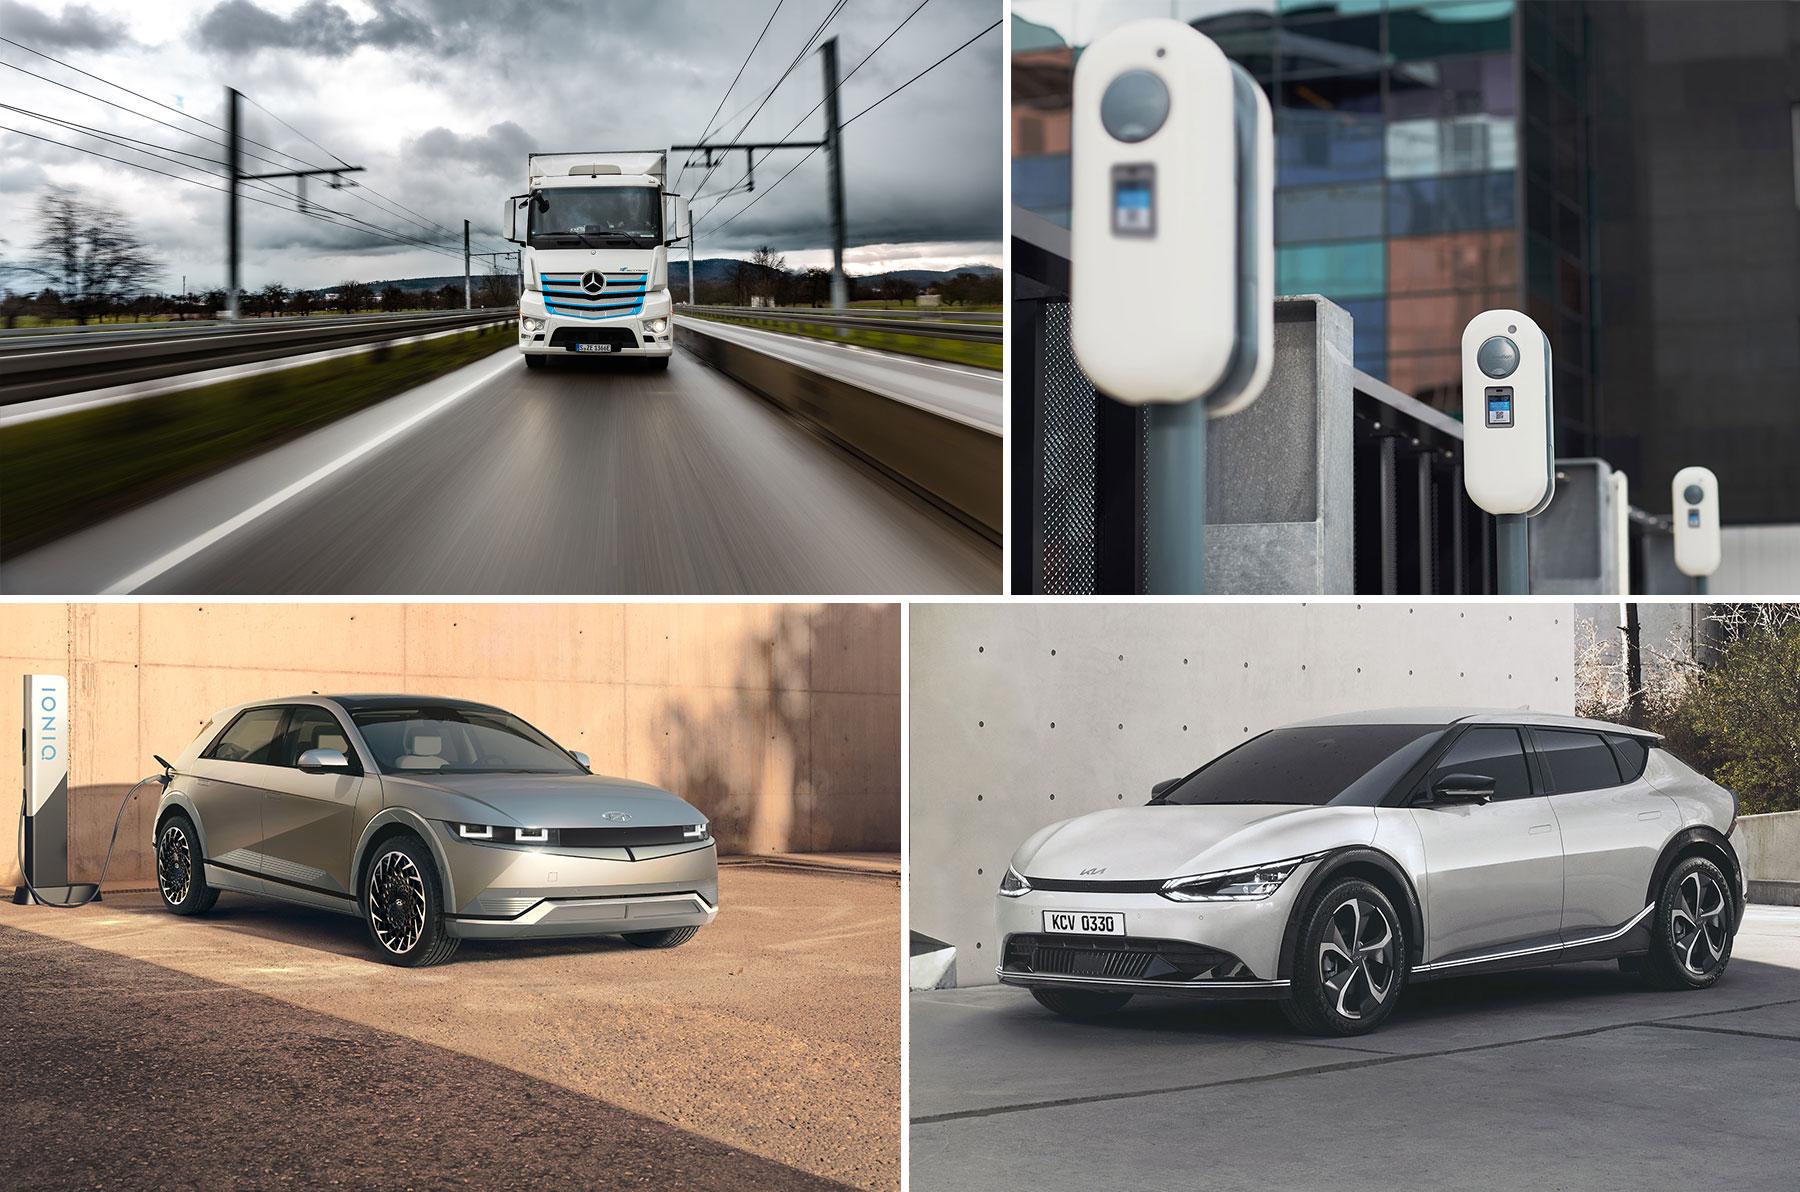 Donnerstag Kompakt: Kia EV6 vs IONIQ 5, Wertverlust bei Elektro-Gebrauchtwagen, Hyundai setzt auf Vitesco Technologies, Daimler auf Elektro statt Oberleitung - e-engine - Alles rund um E-Mobilität